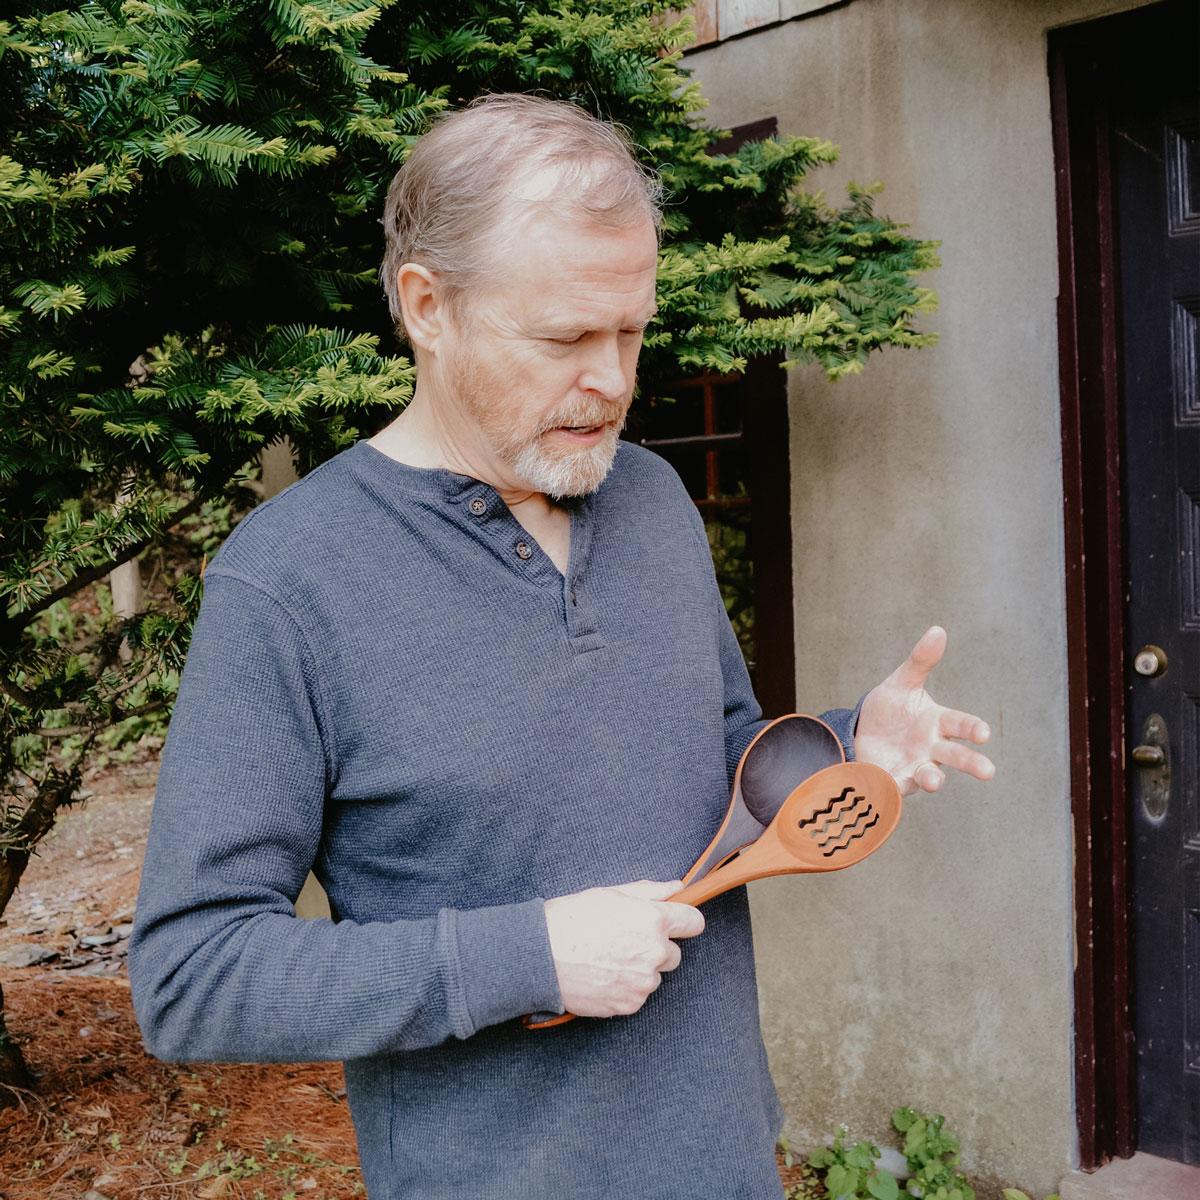 Jonathan Simons holding two wooden utensils.